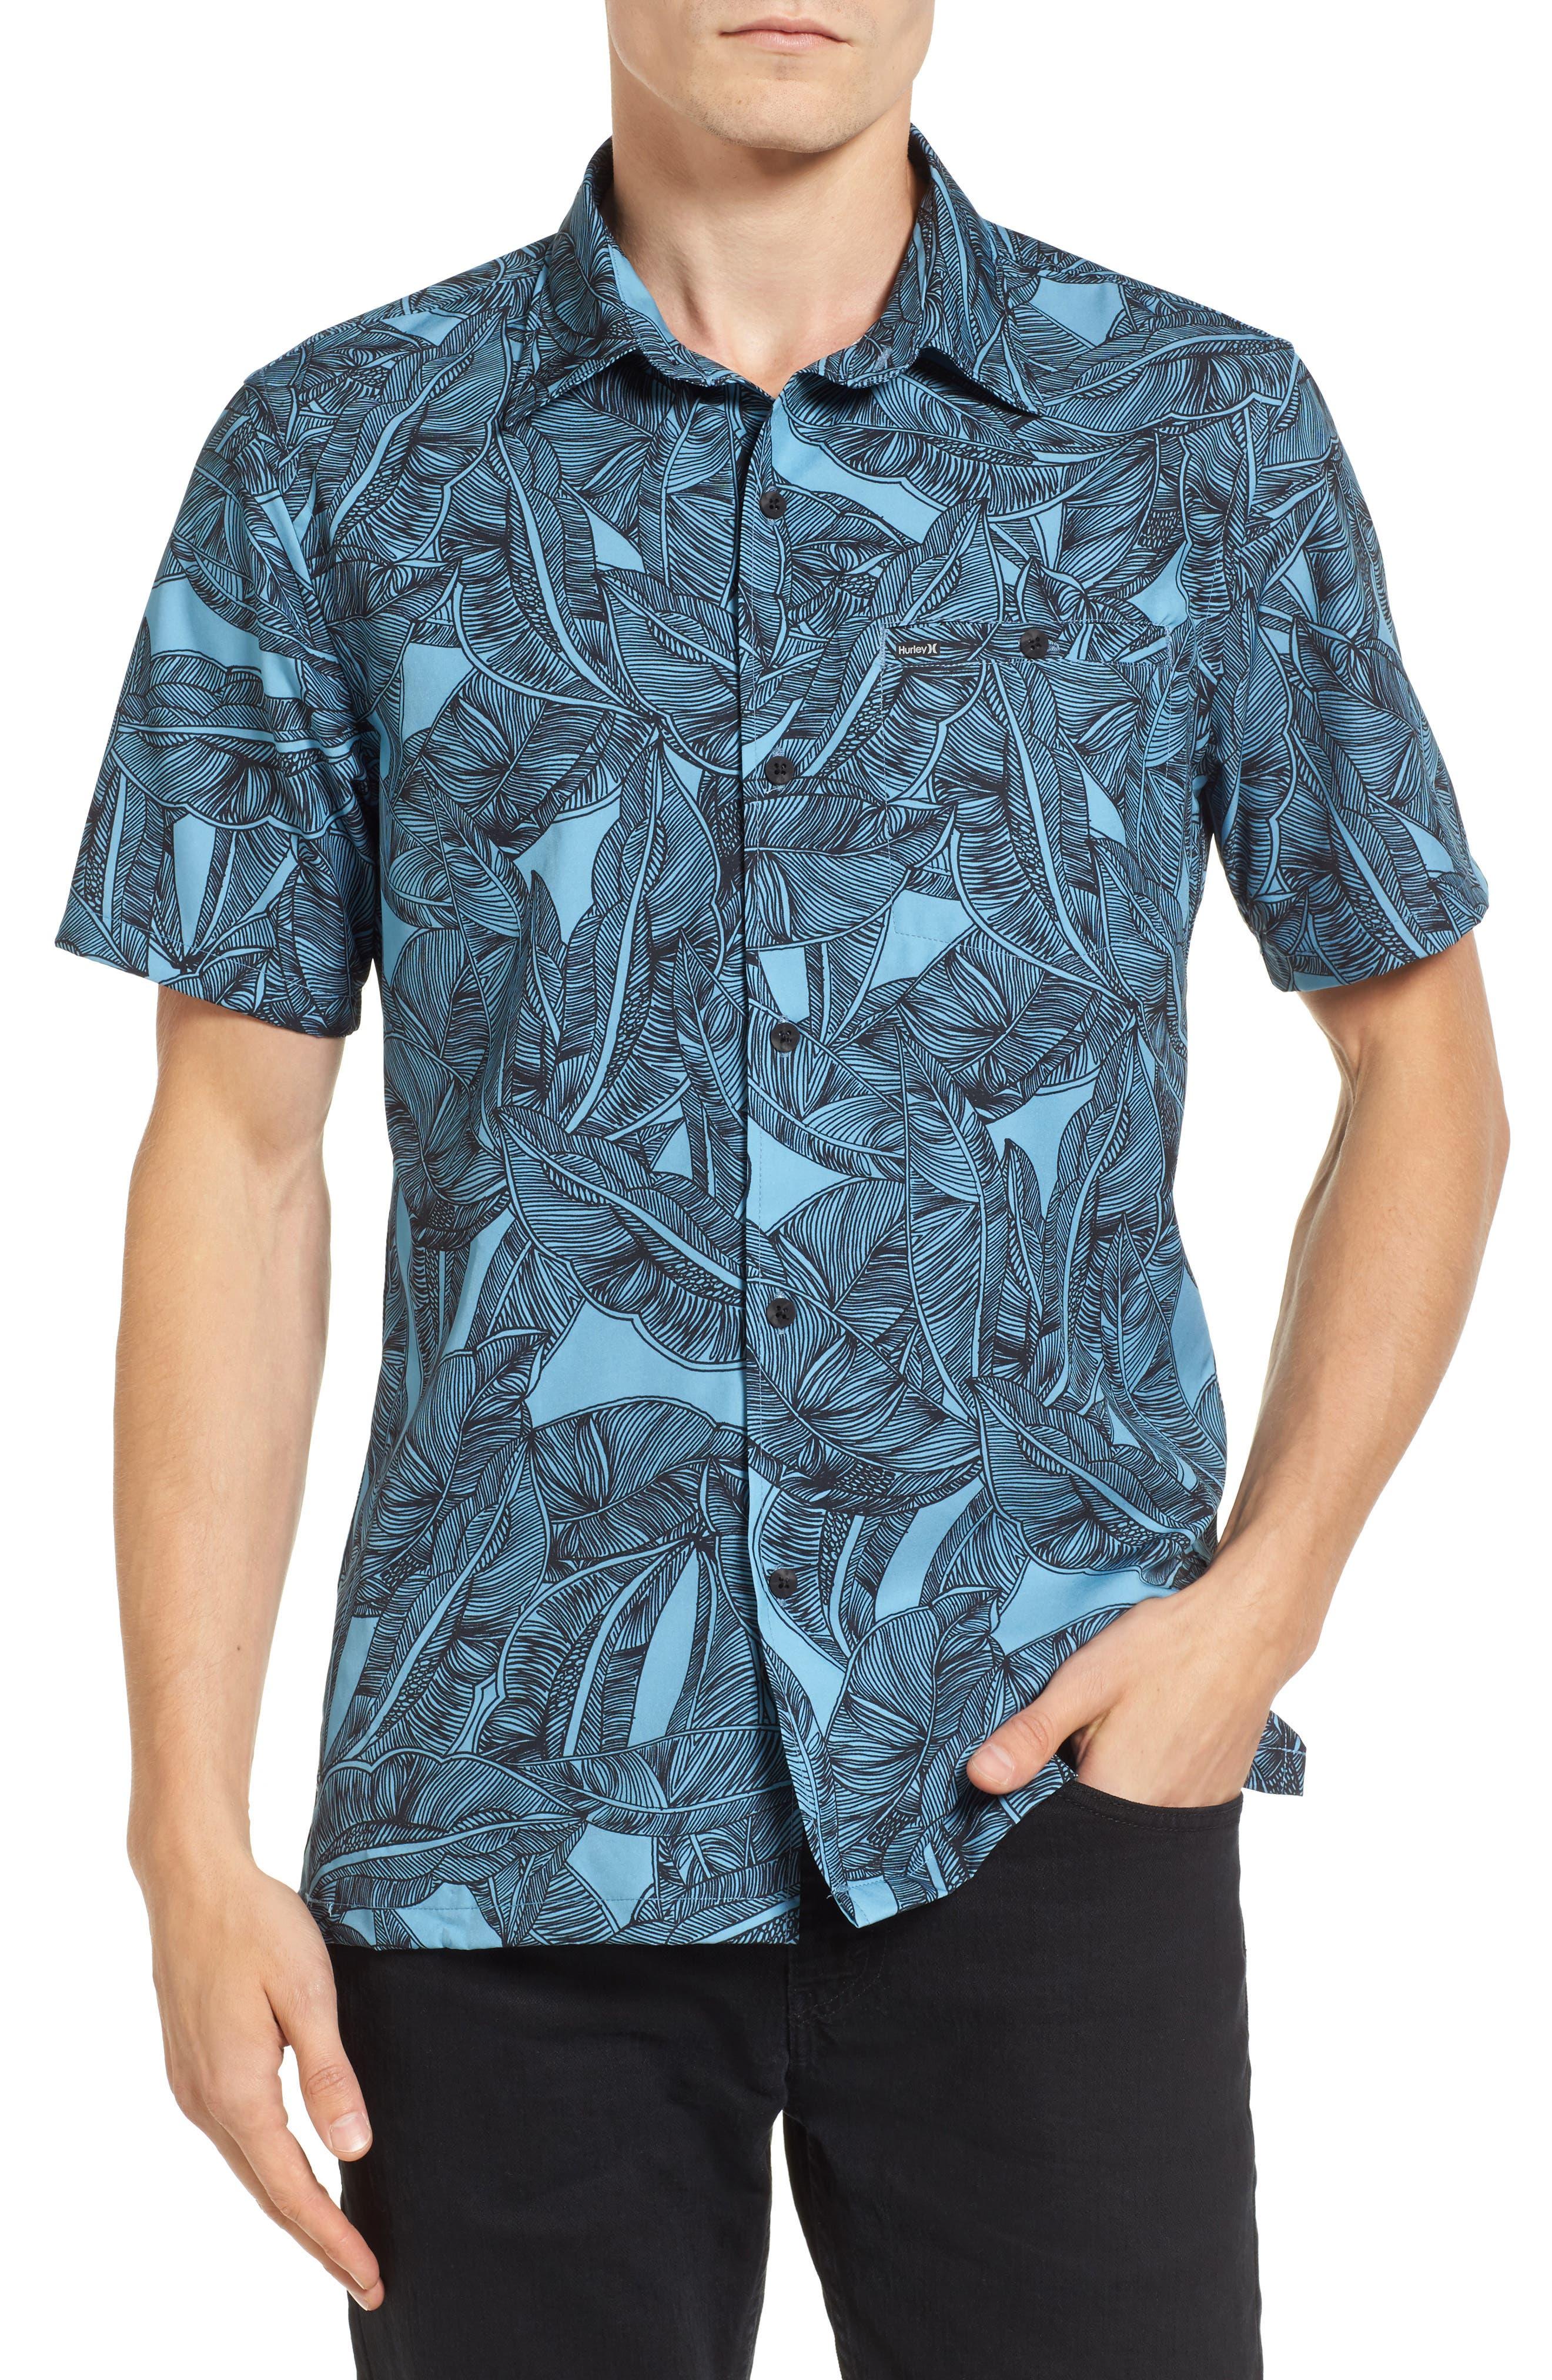 Hurley Lush Woven Shirt